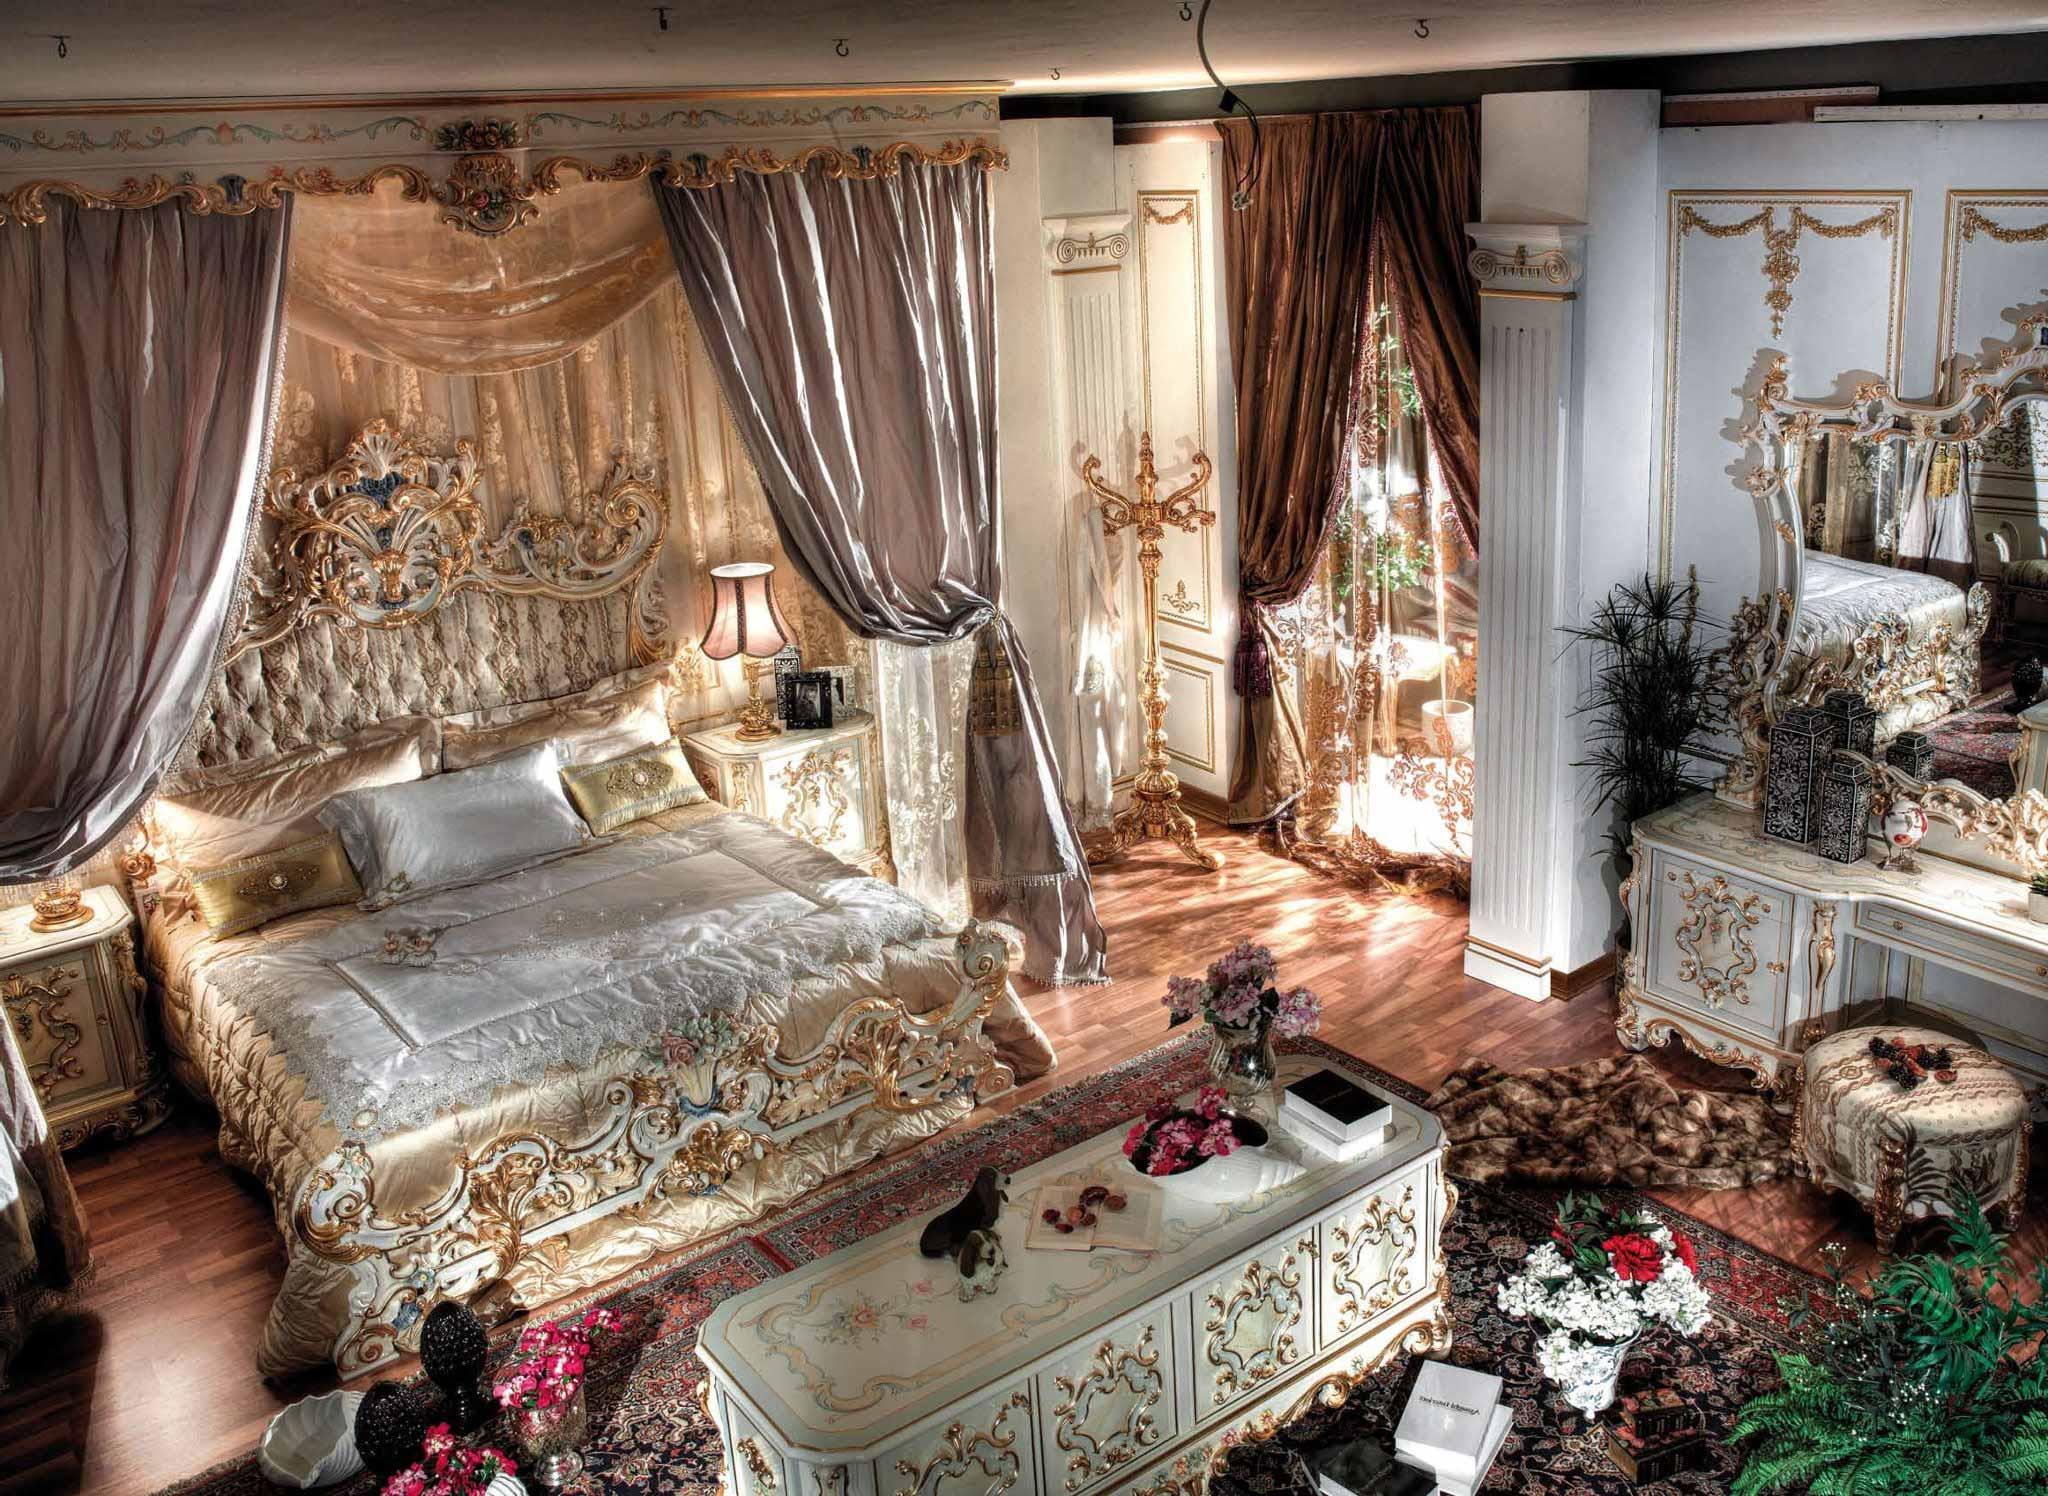 Роскошная спальня в стиле барокко с высокими потолками. В центра композиции массивная кровать из дерева с резными спинками.